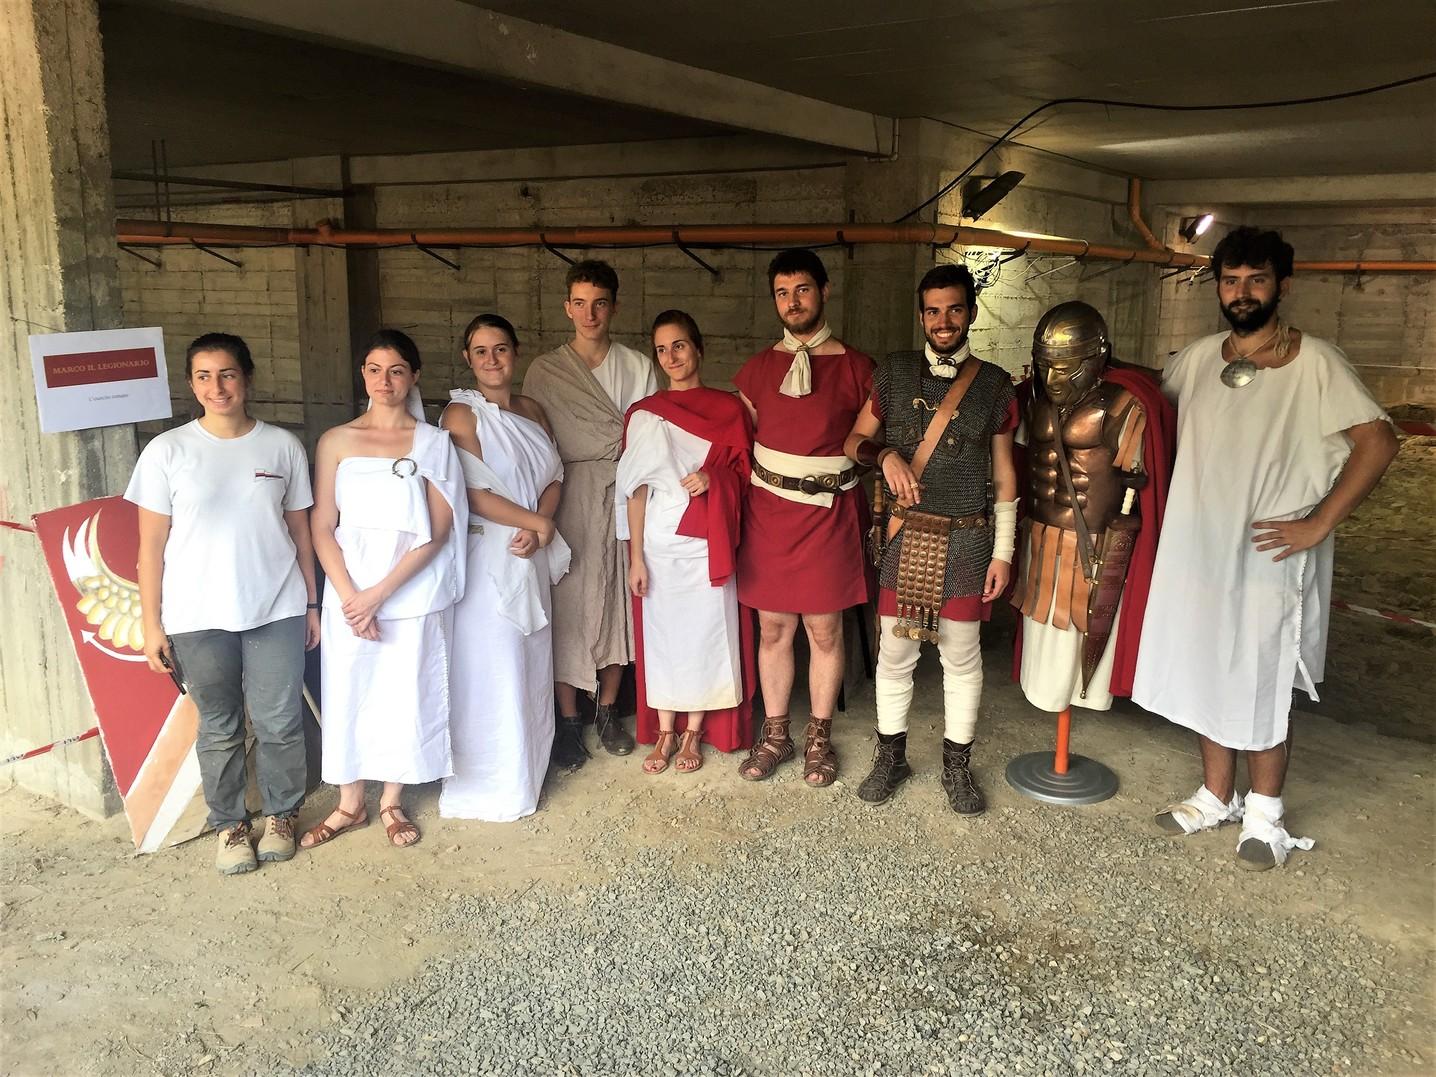 Dopo il successo della campagna di scavi, la proposta nata dalla collaborazione tra Comune, Sovrintendenza, Università e Associazione Etruria Nova